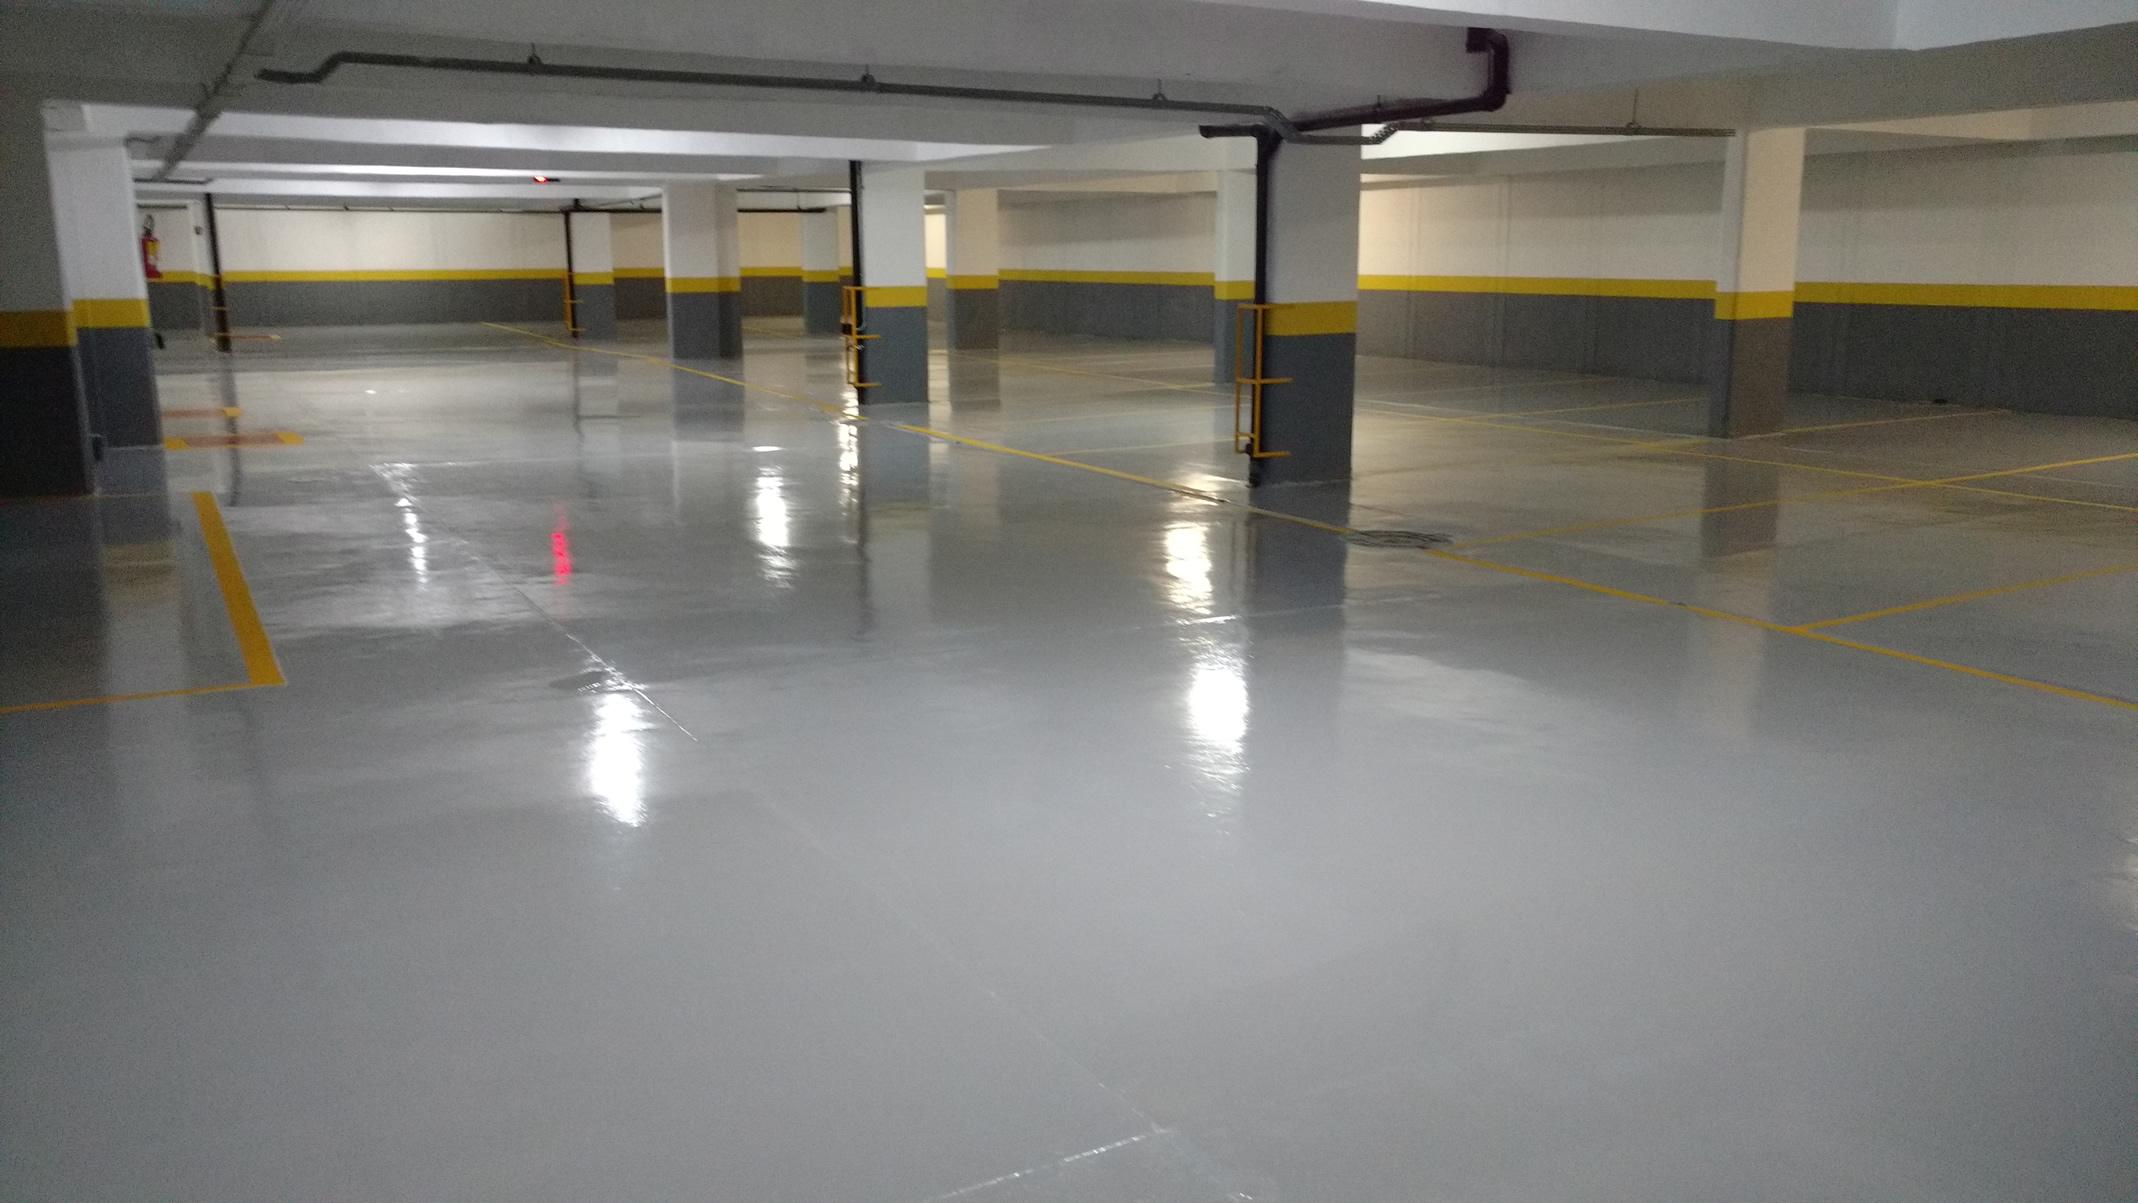 Vit-Epoxi-Pintura-Estacionamento-2587